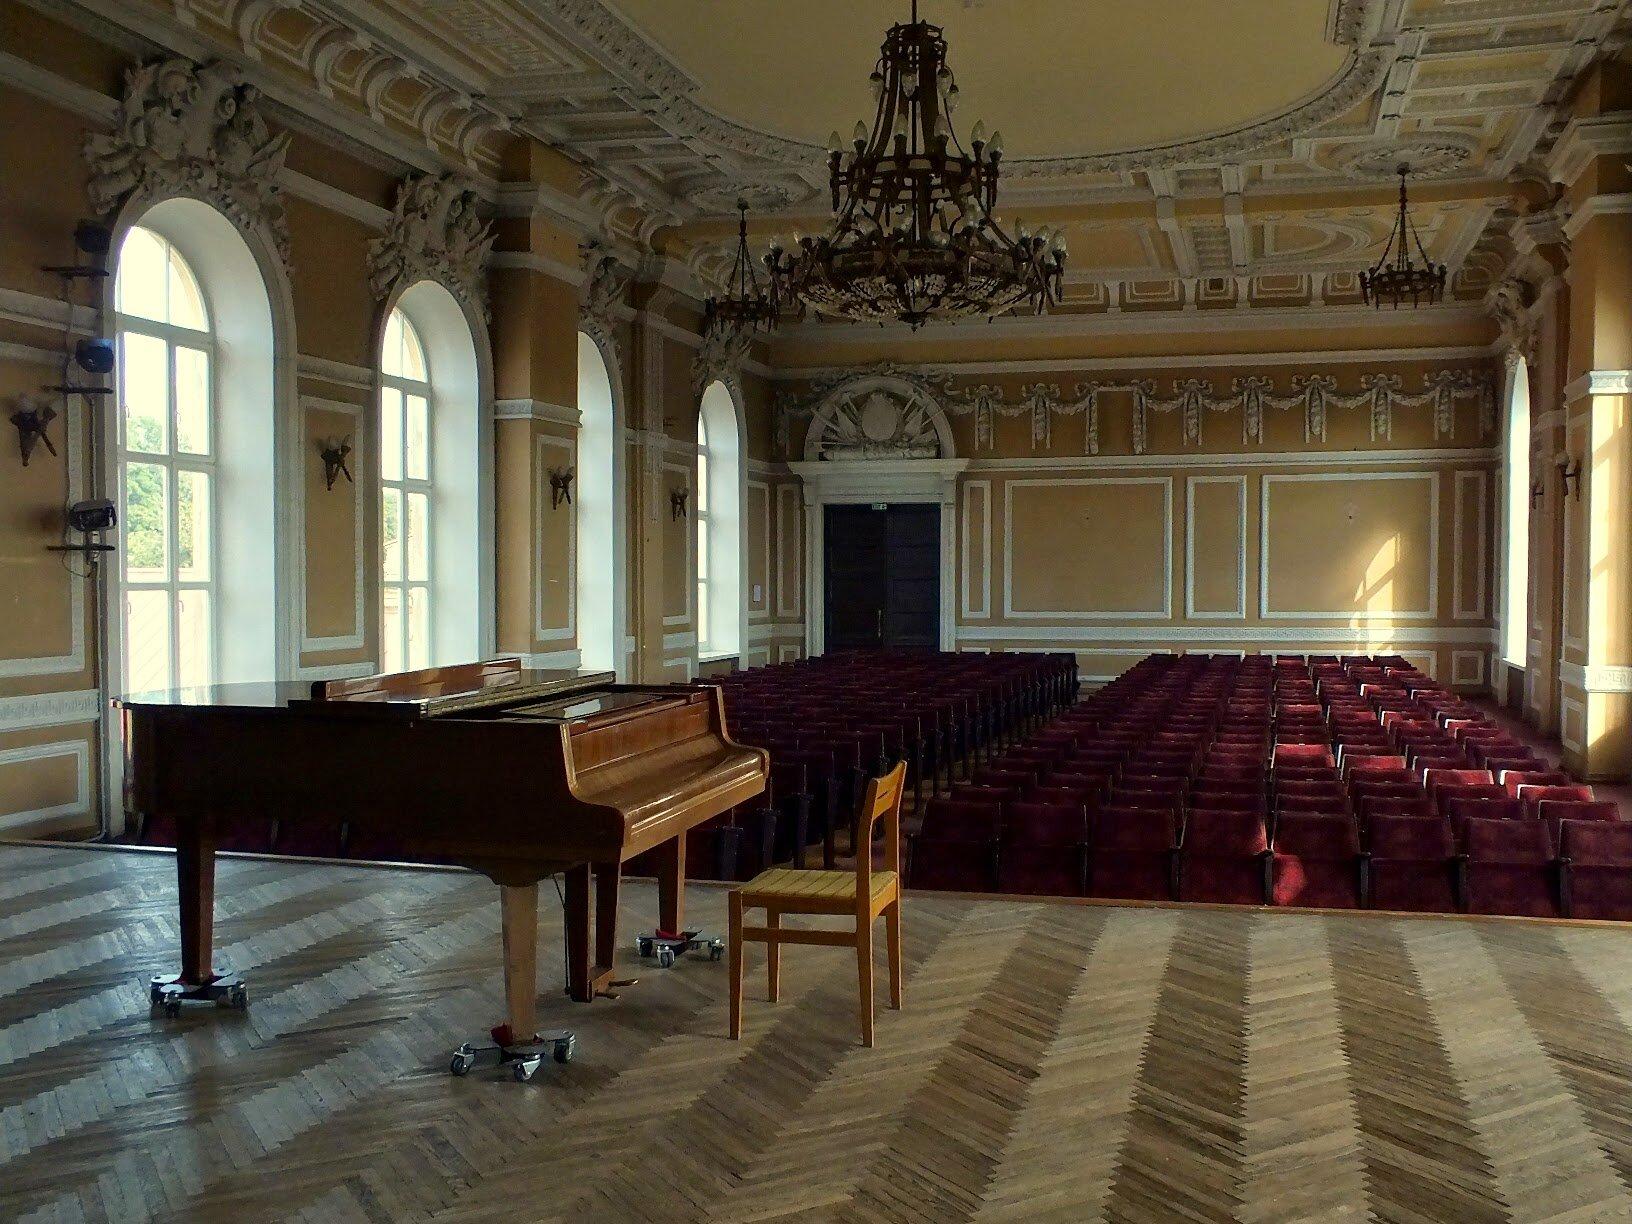 Vilniaus universiteto Didžioji aula